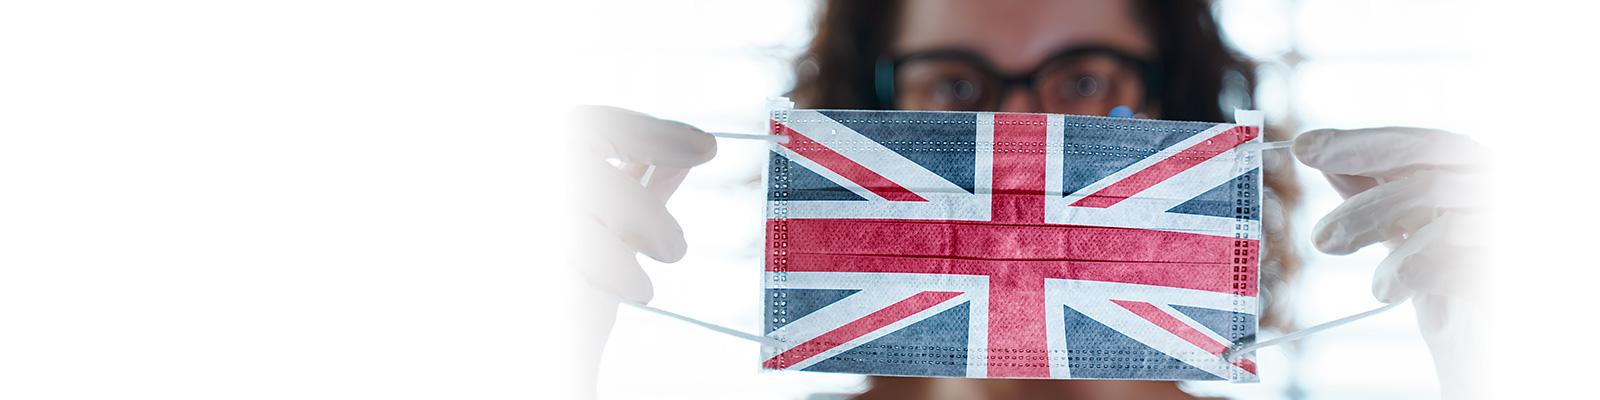 英国 コロナ マスク イメージ